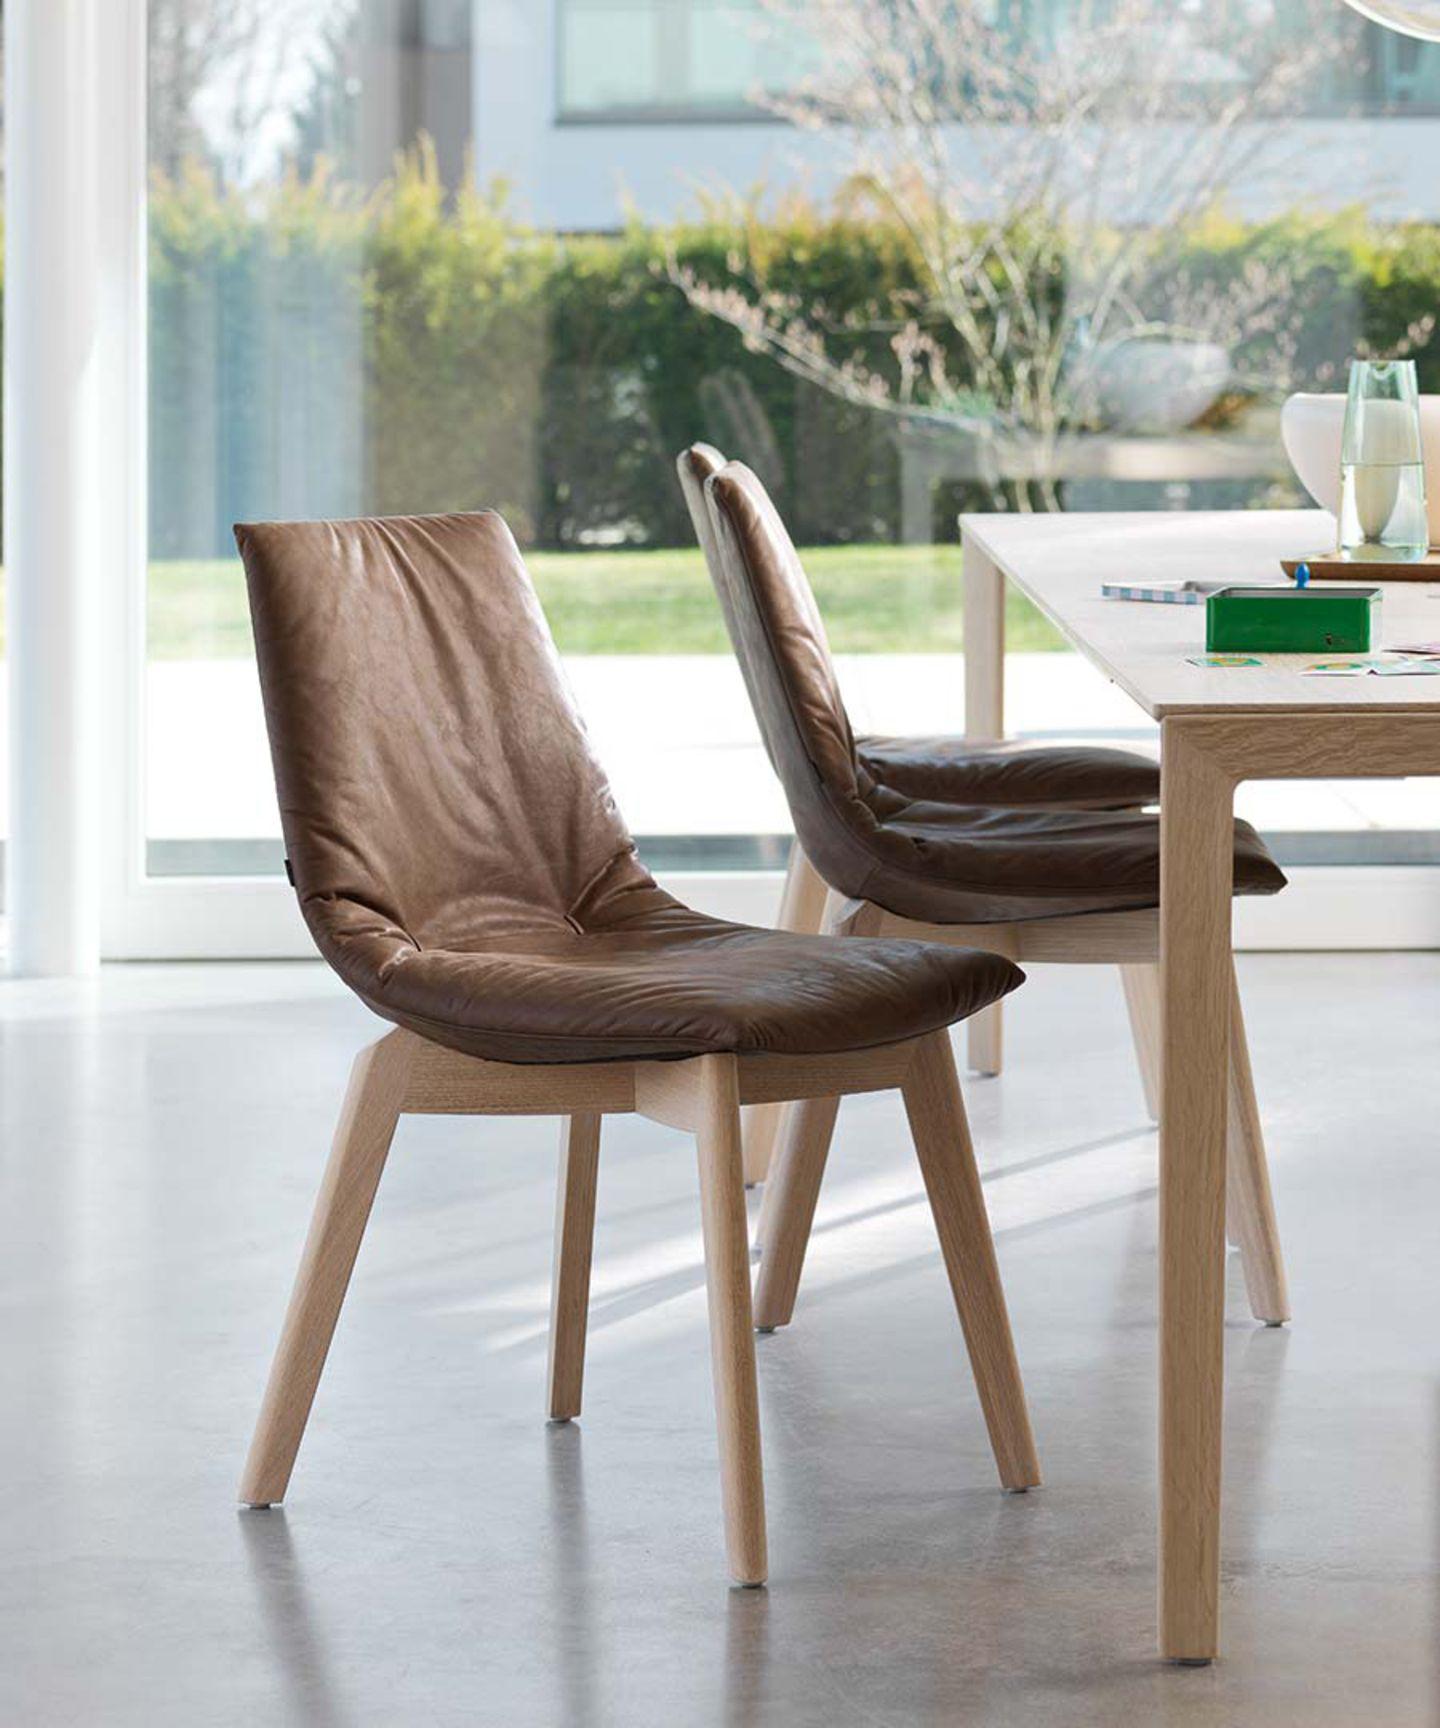 lui sedia legno naturale